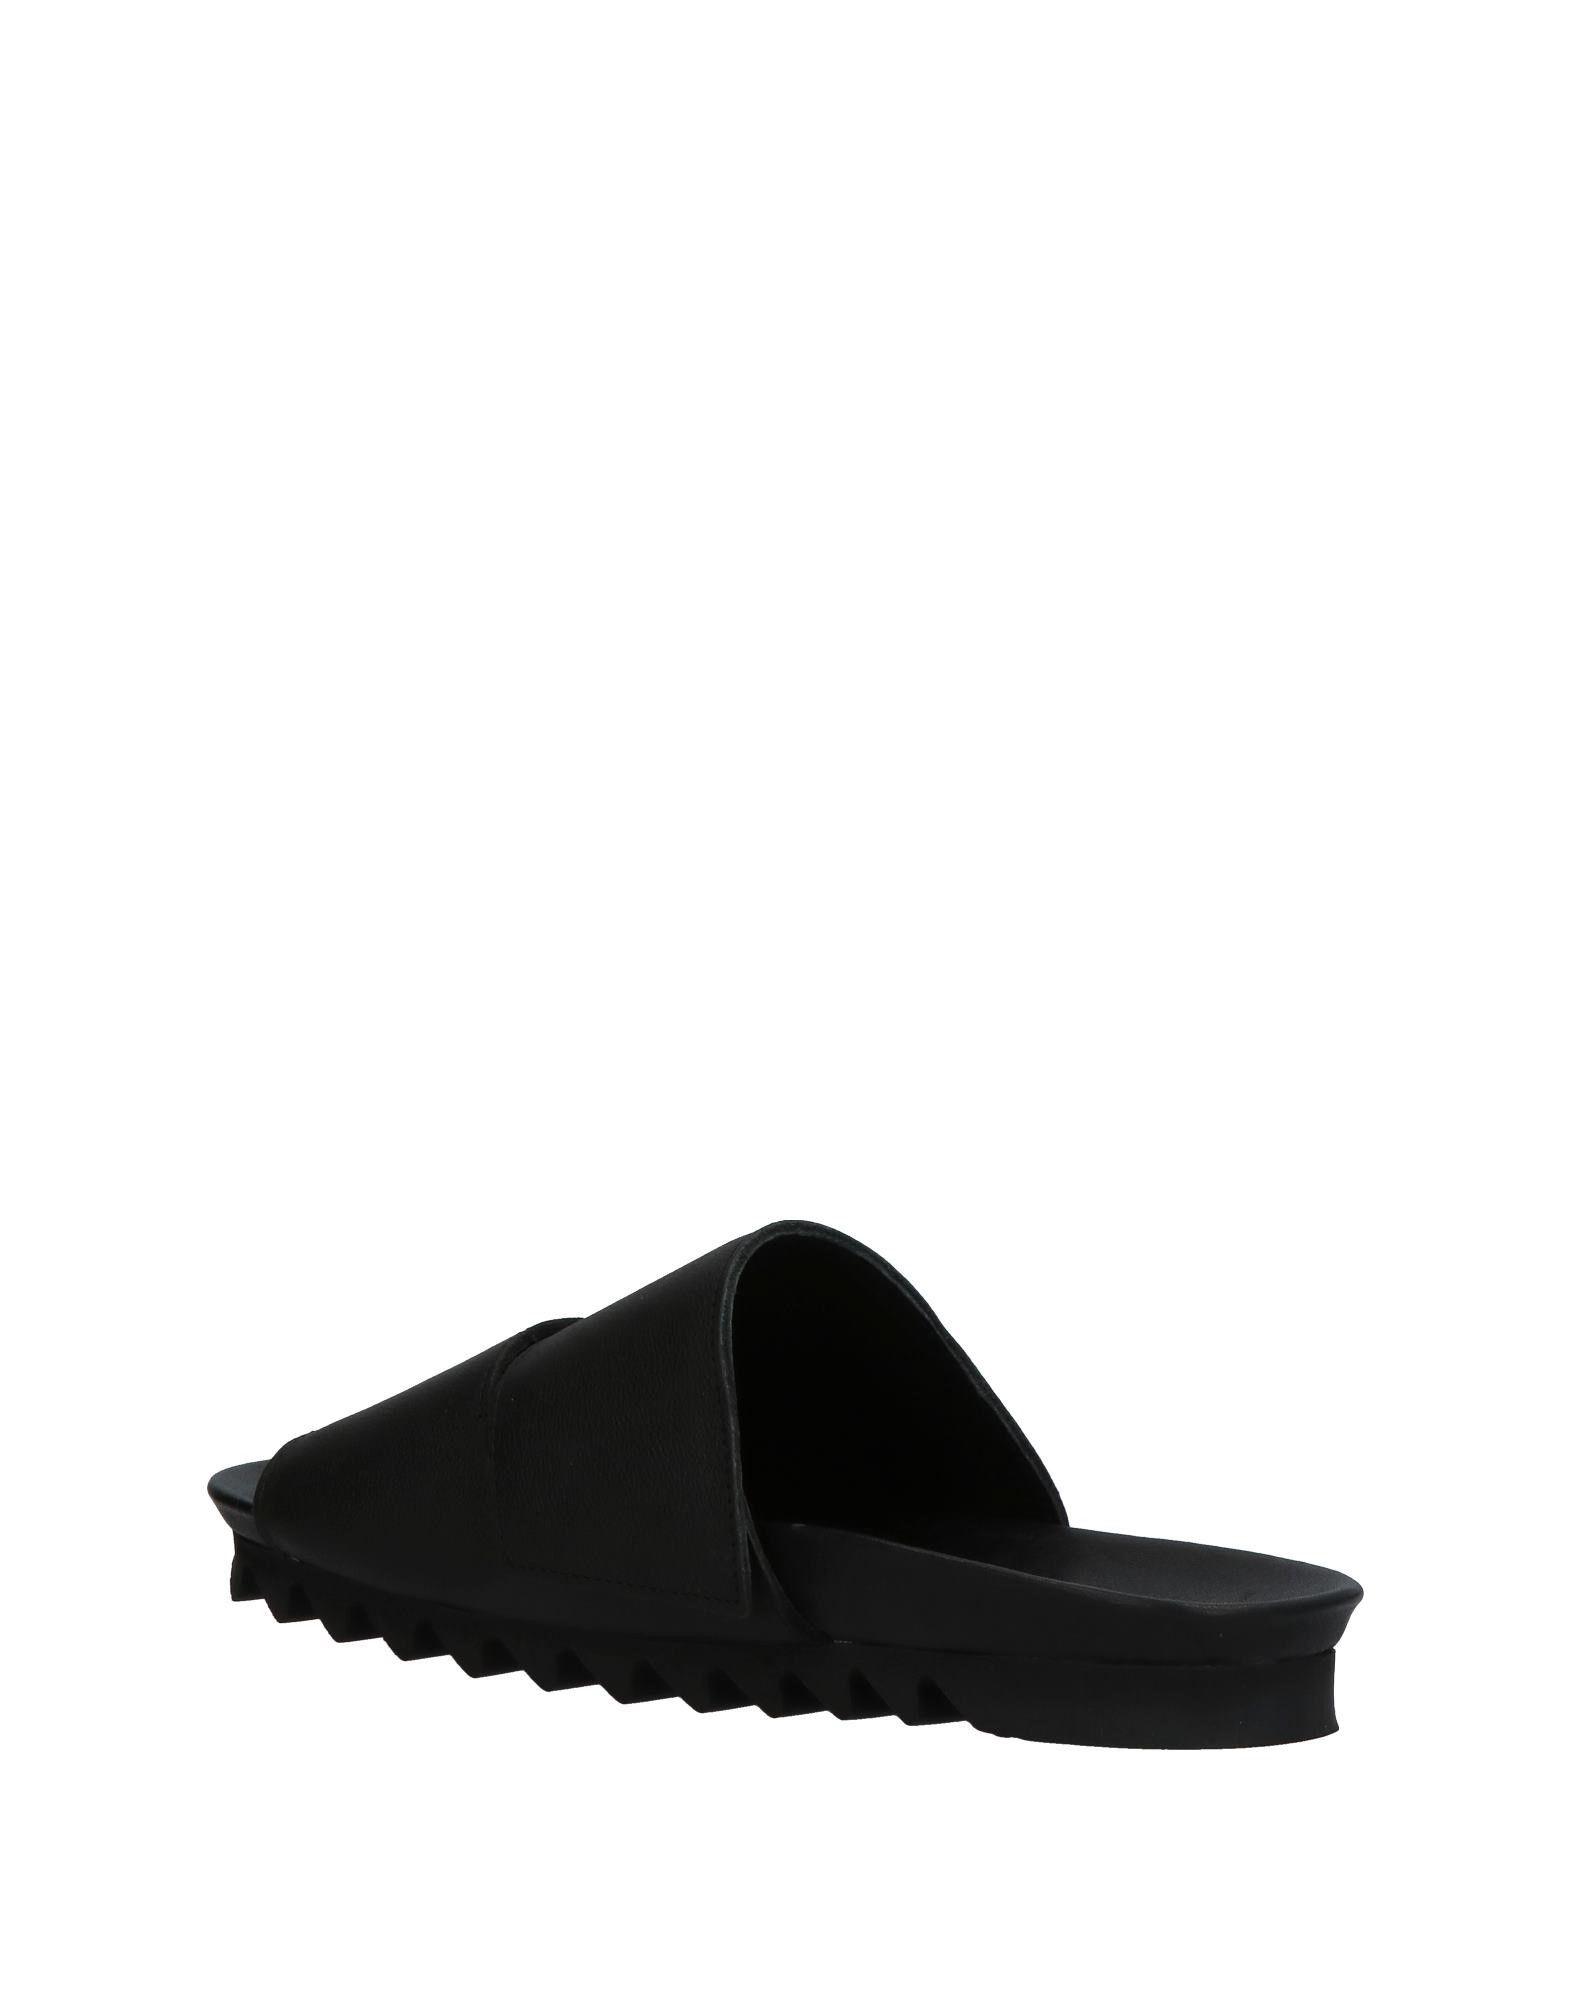 Gut um billige Sandalen Schuhe zu tragenPeter Non Sandalen billige Damen  11376745CP 154bdd